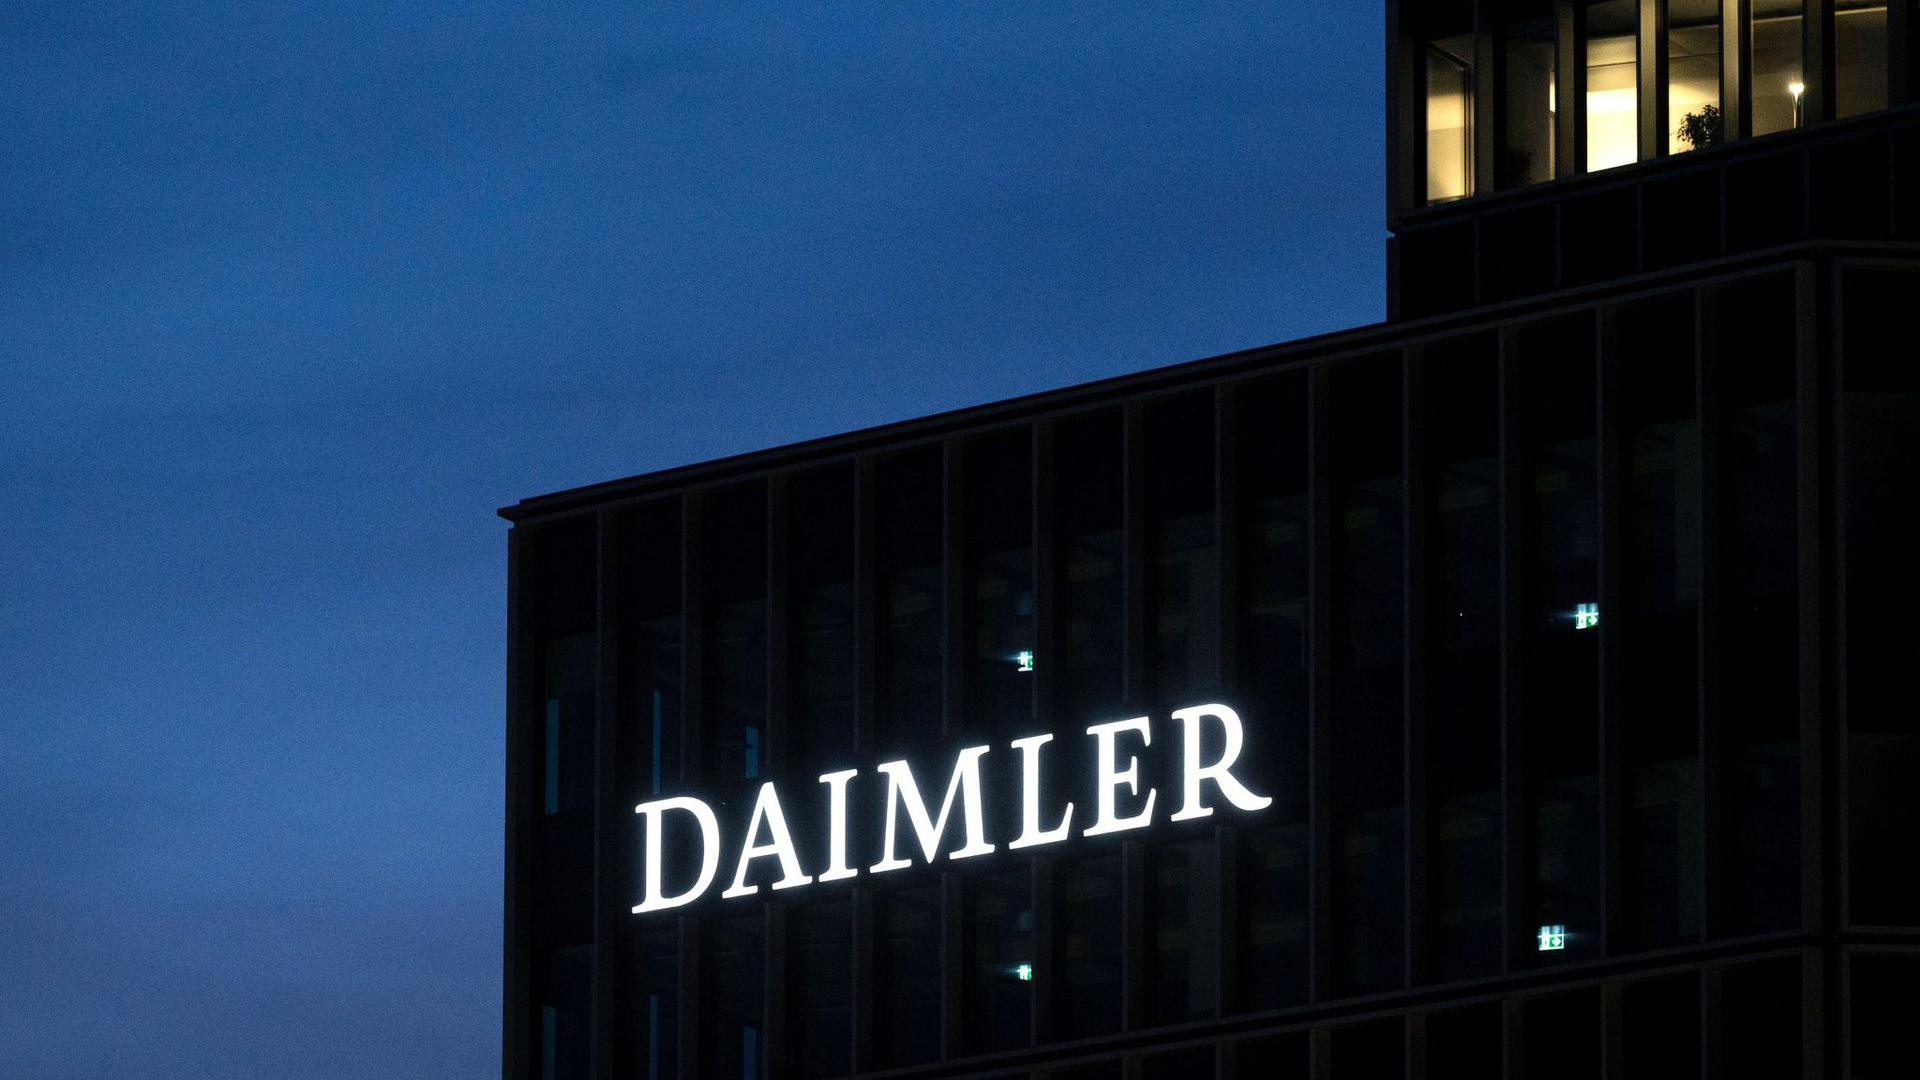 Das Logo der Daimler AG in der Morgendämmerung.